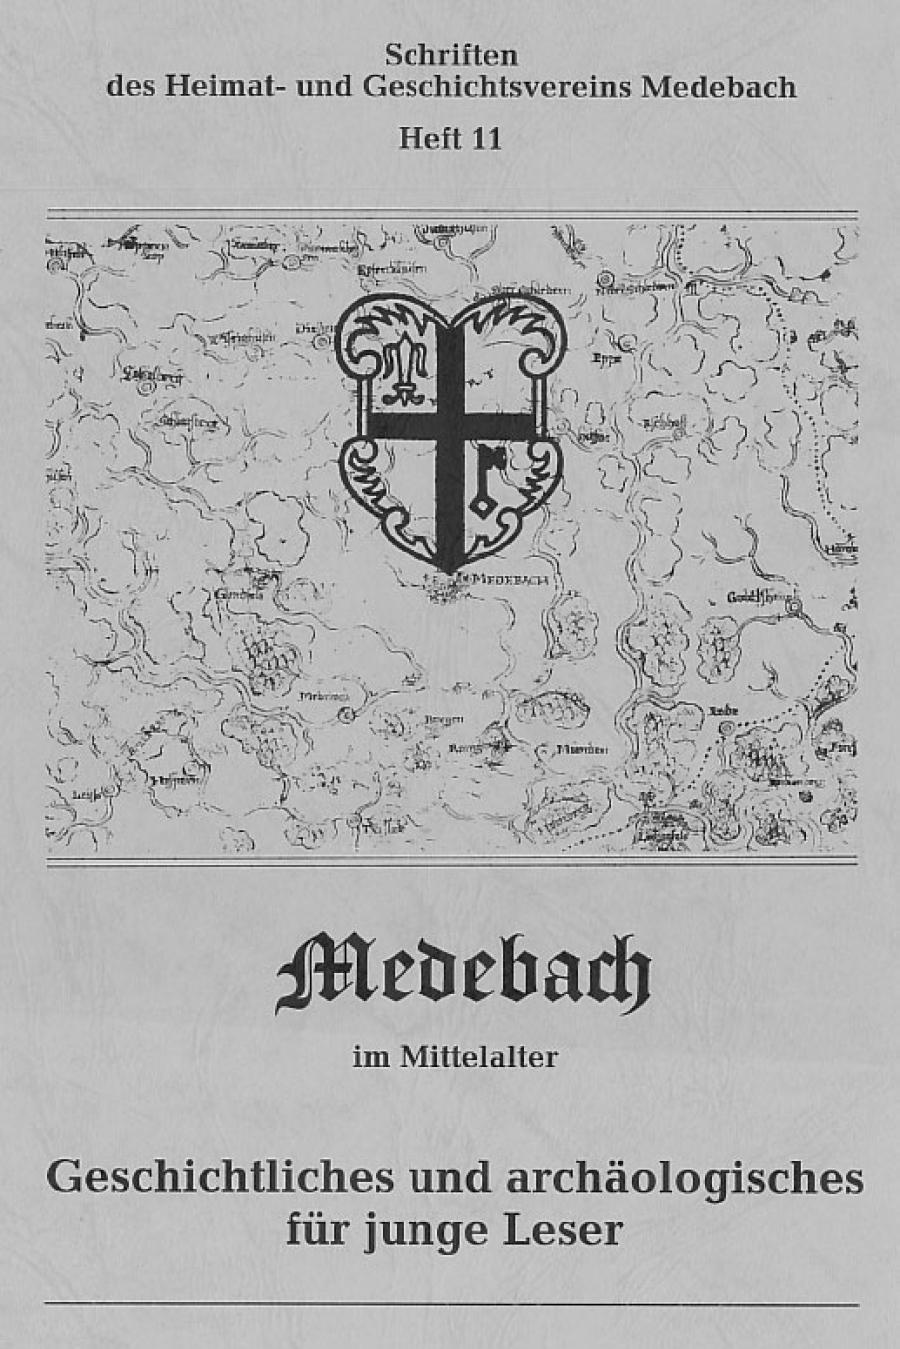 Medebach im Mittelalter